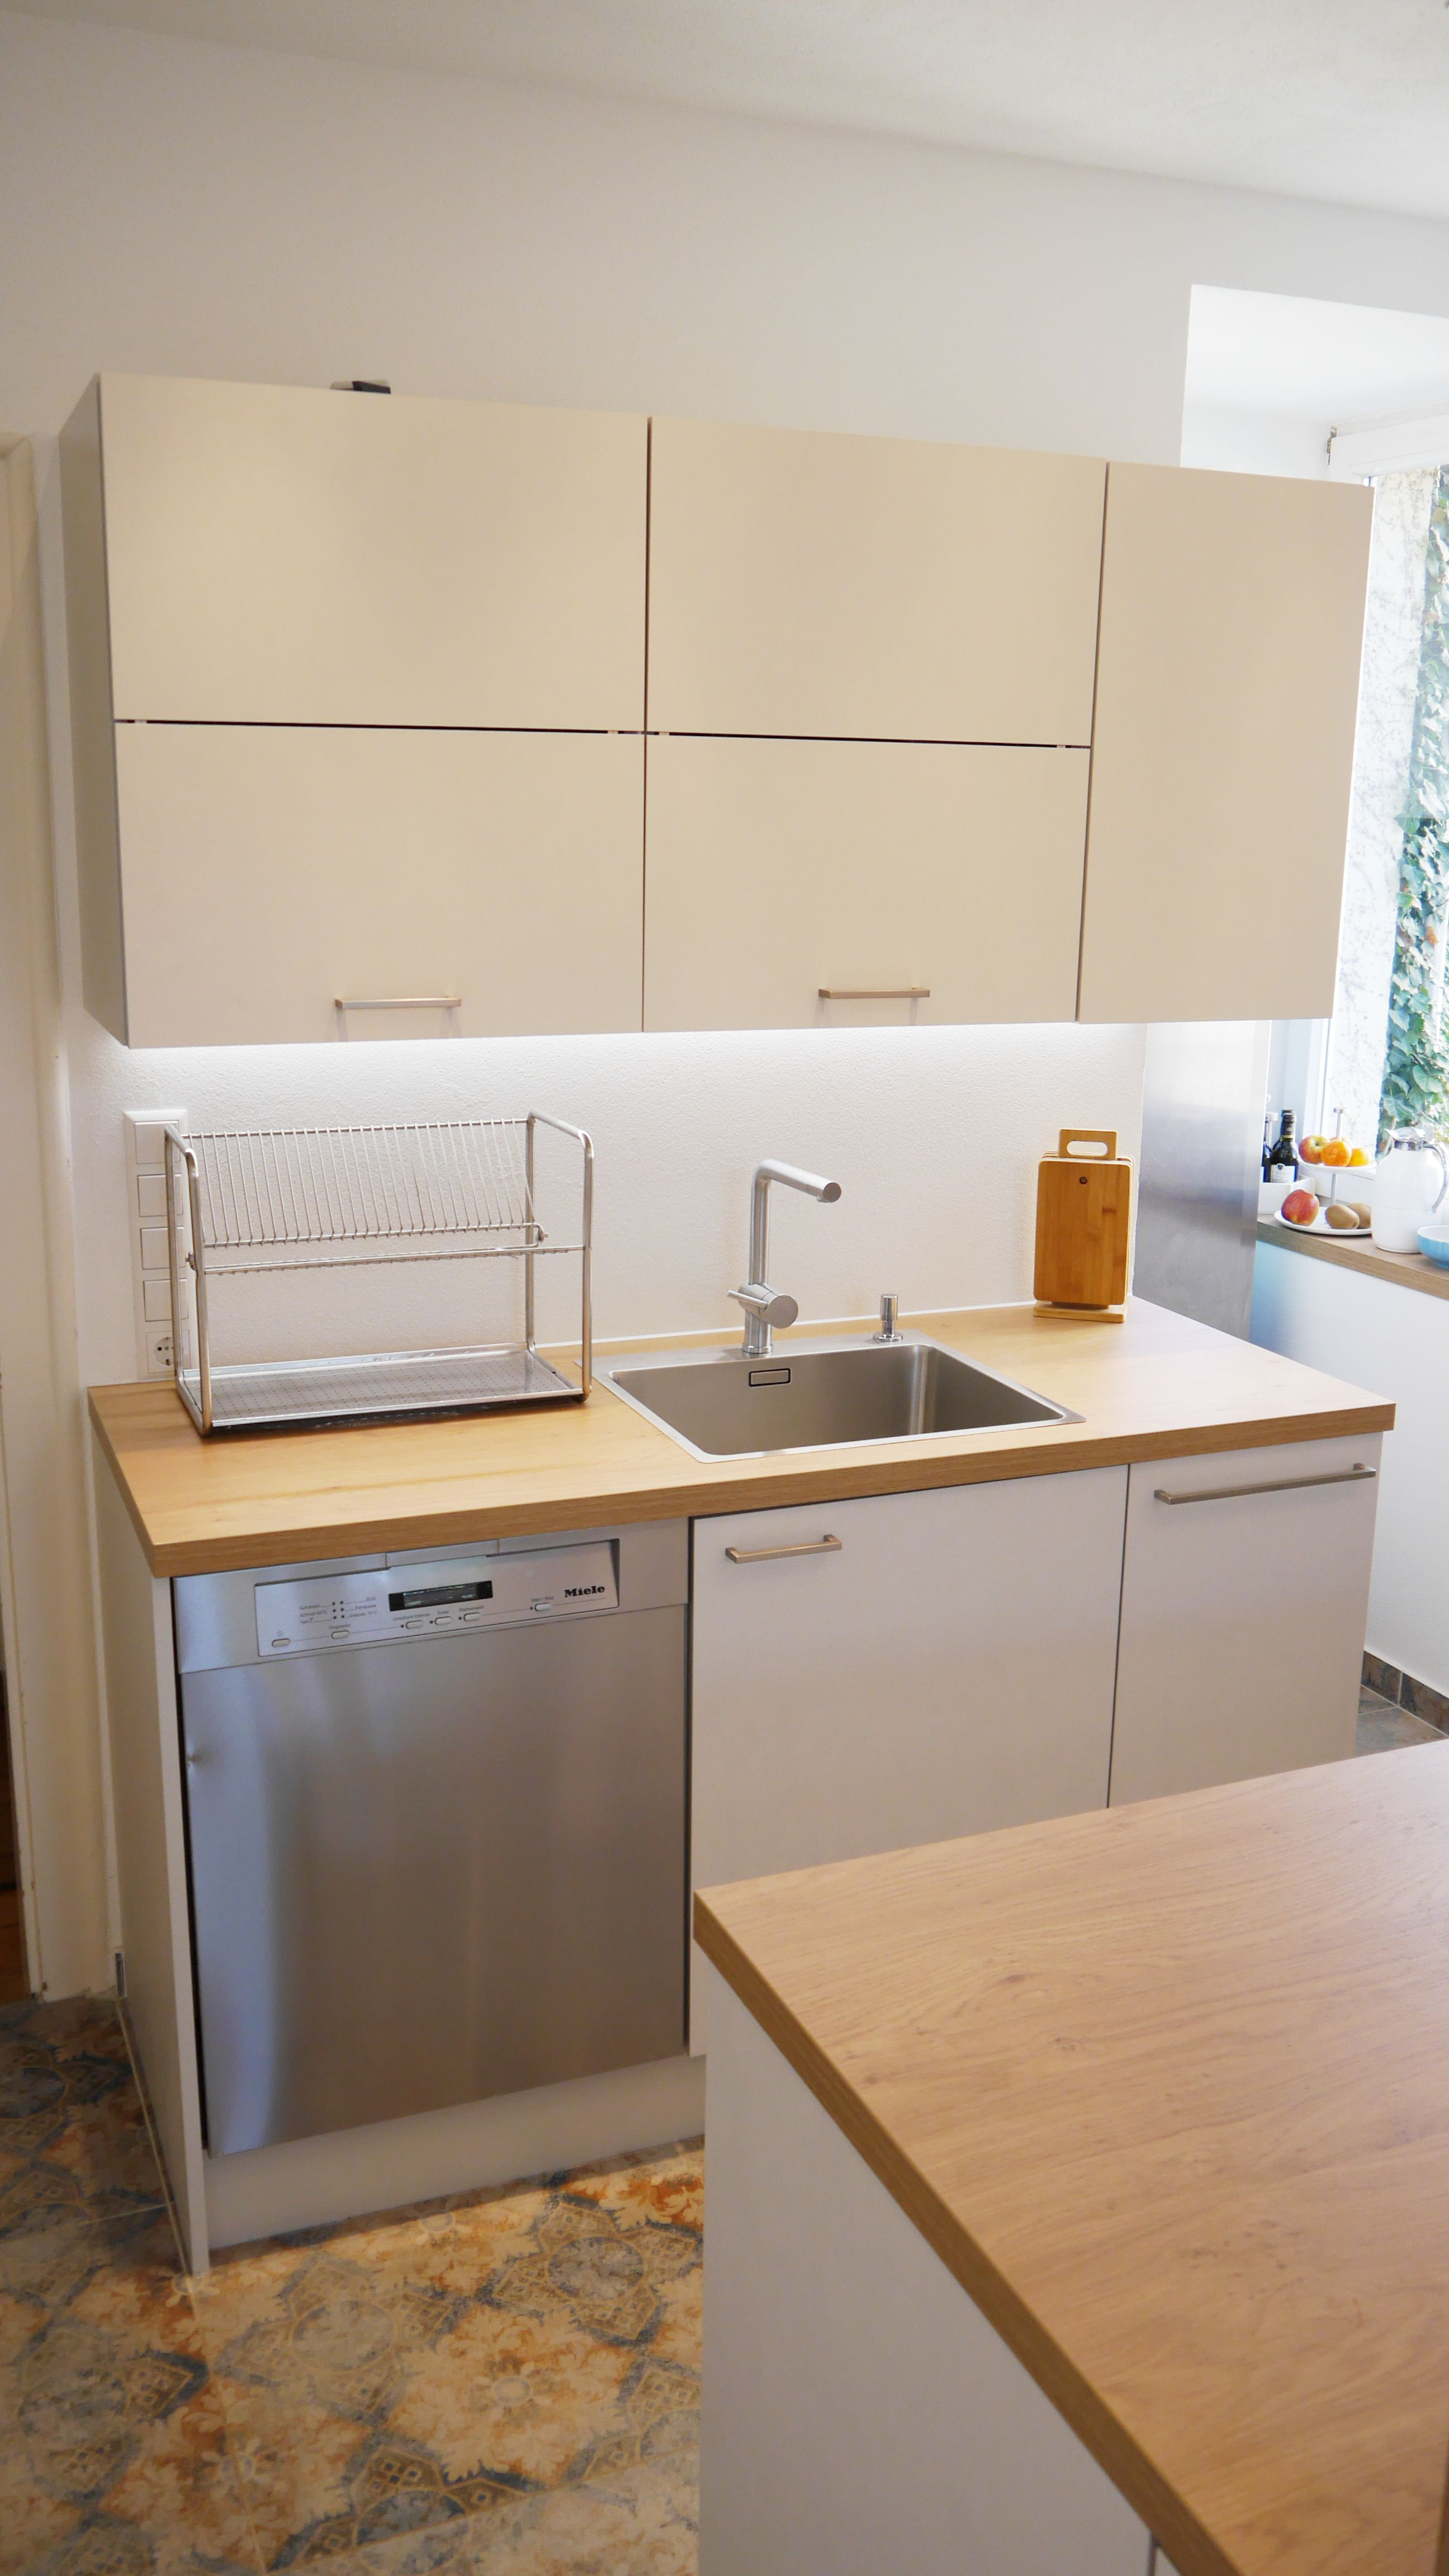 Spülenschrank | Küche | Pinterest | Spülenschrank und Küche